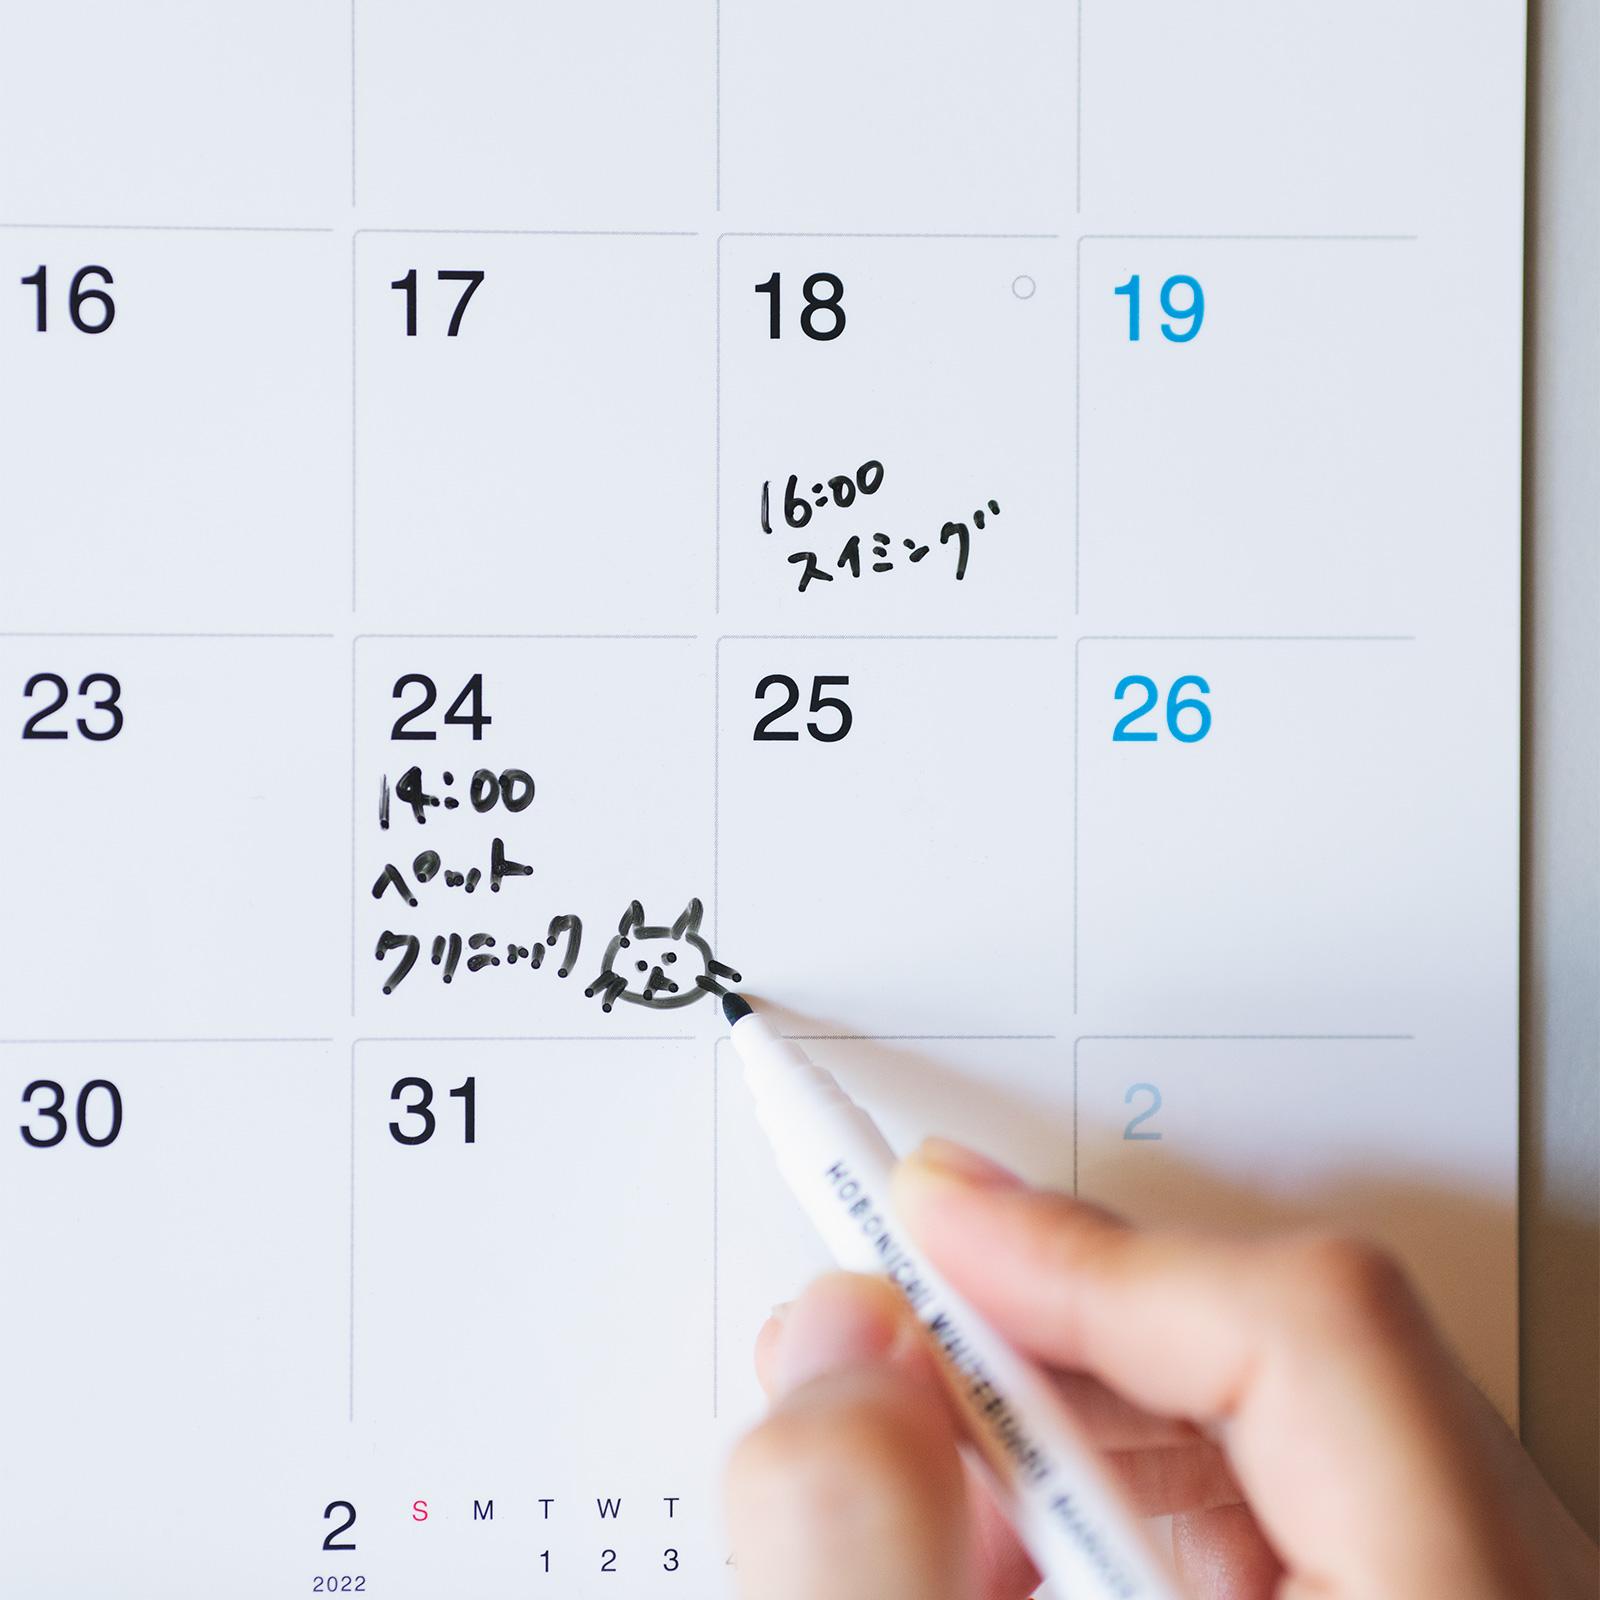 たっぷり書き込めて何度でも書き直せる、おしゃれな壁掛けカレンダー2022年版